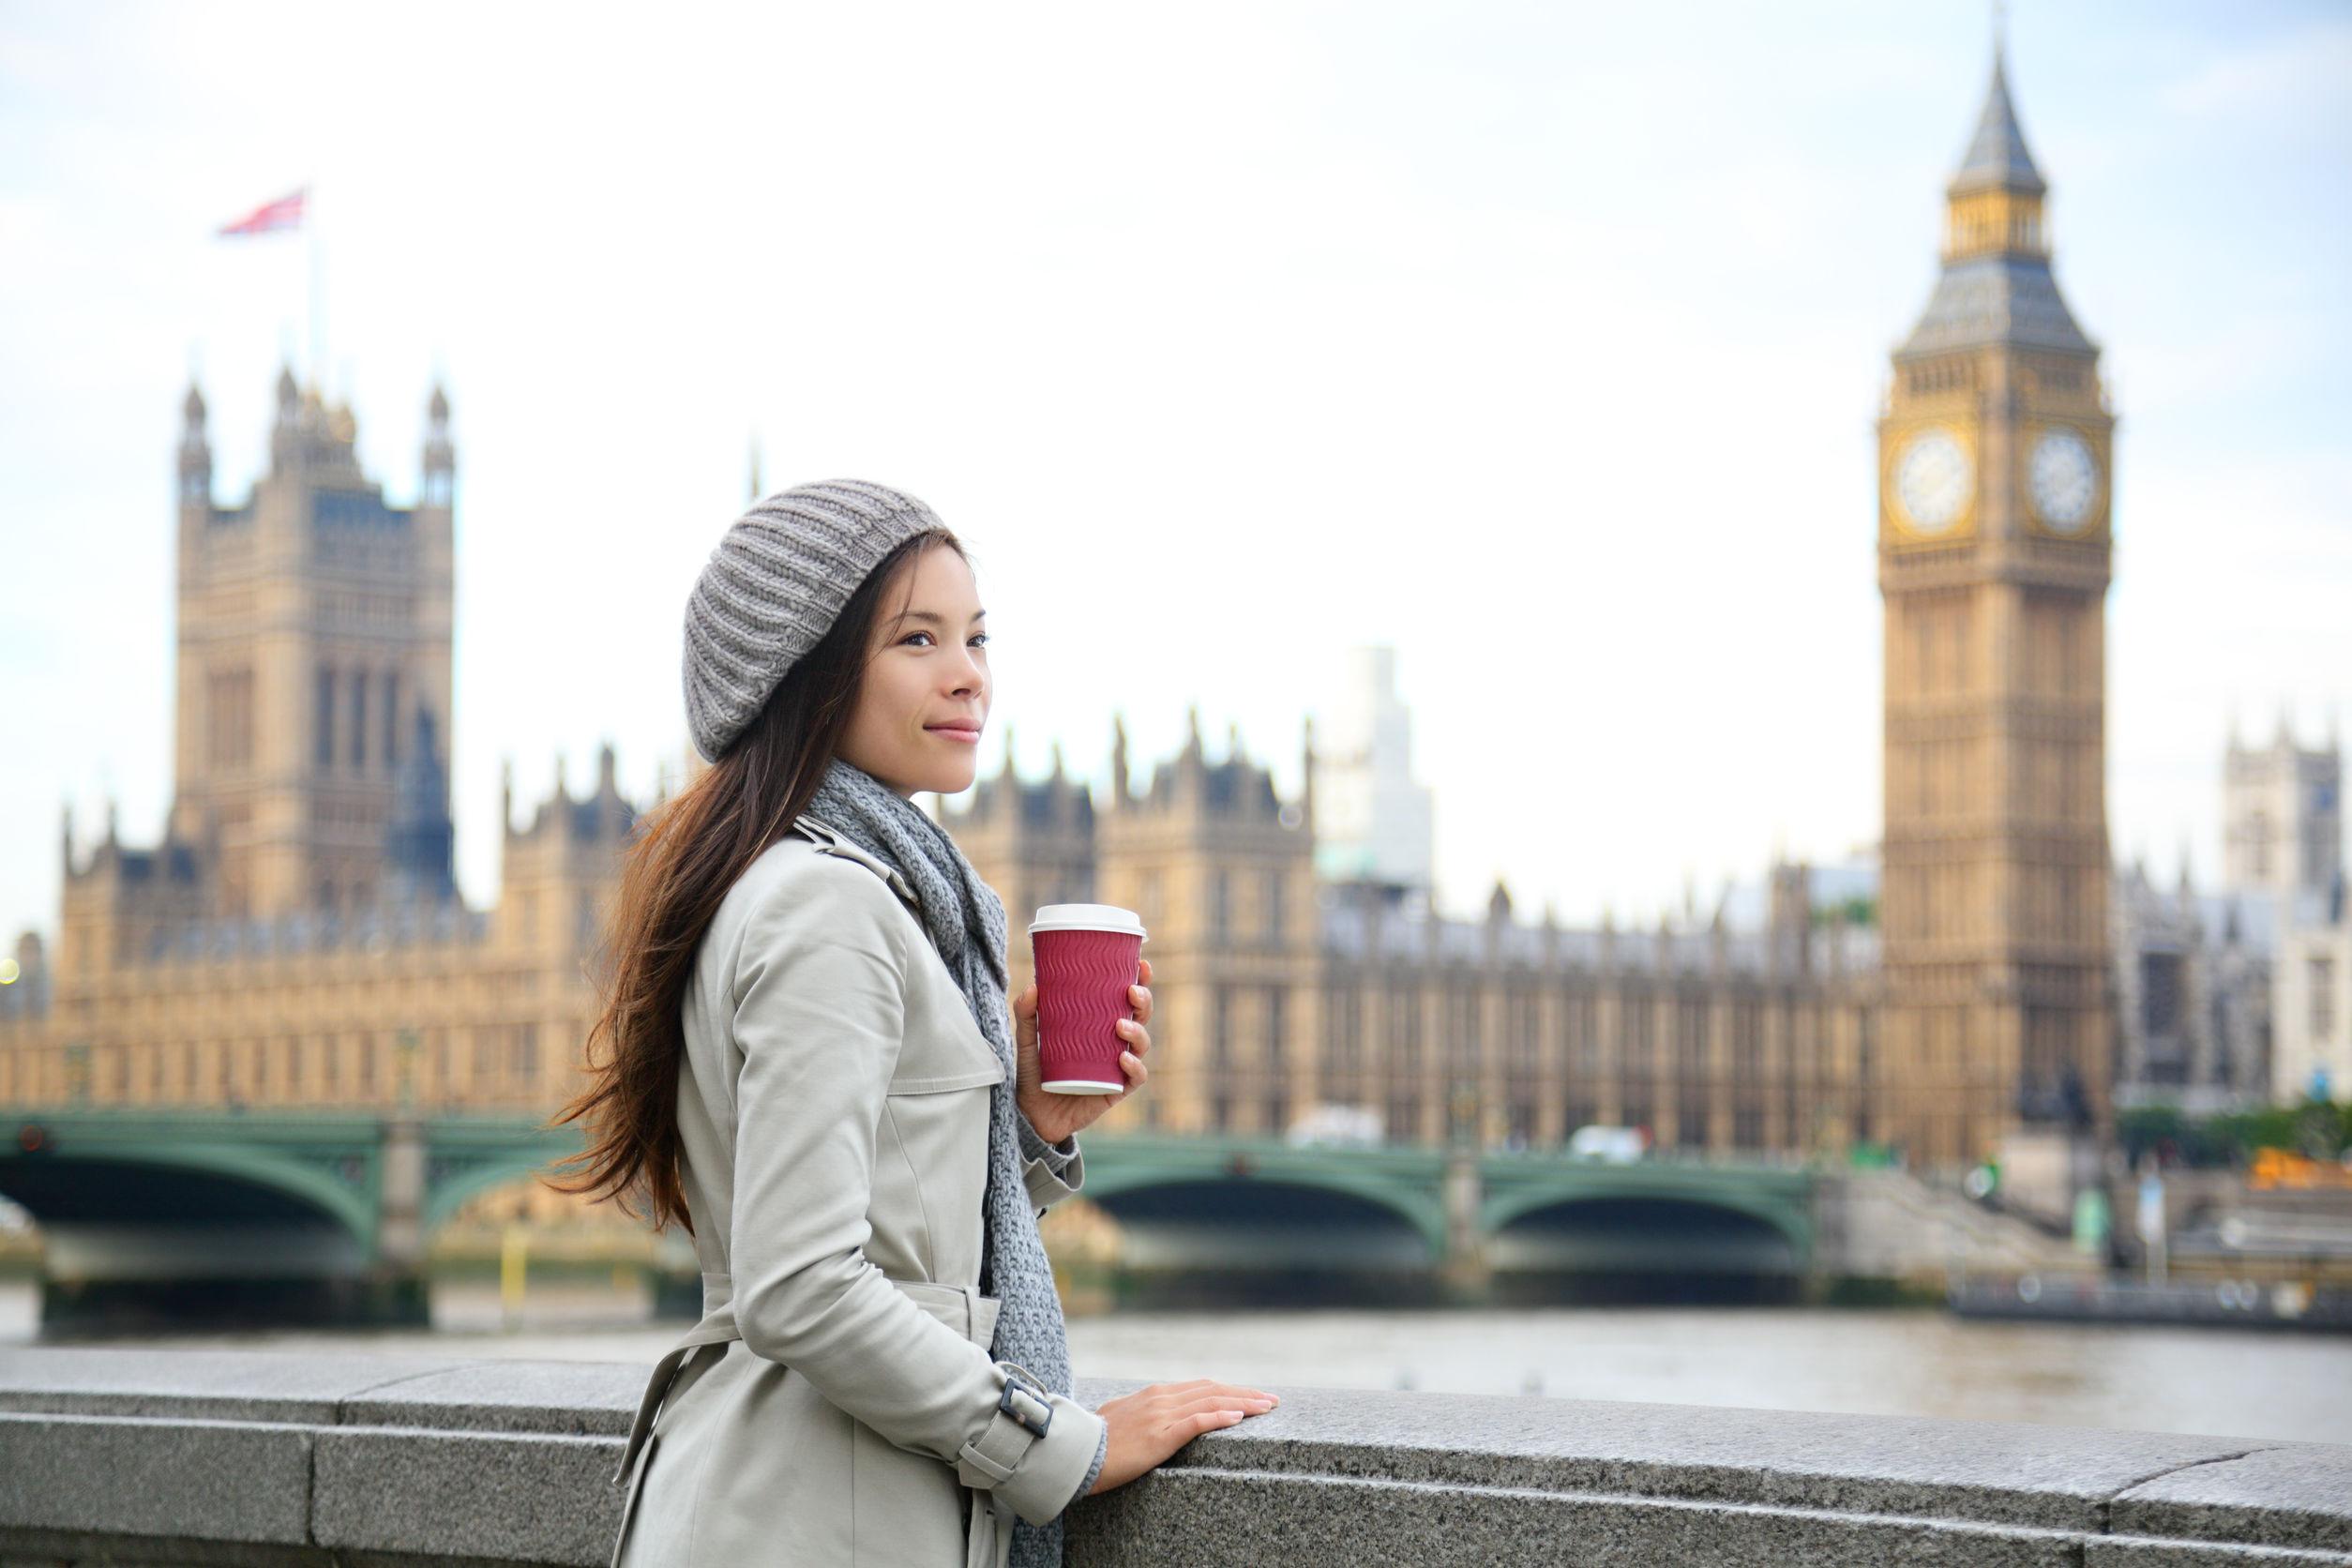 呼和浩特商务英语培训哪家好?哪家性价比高?